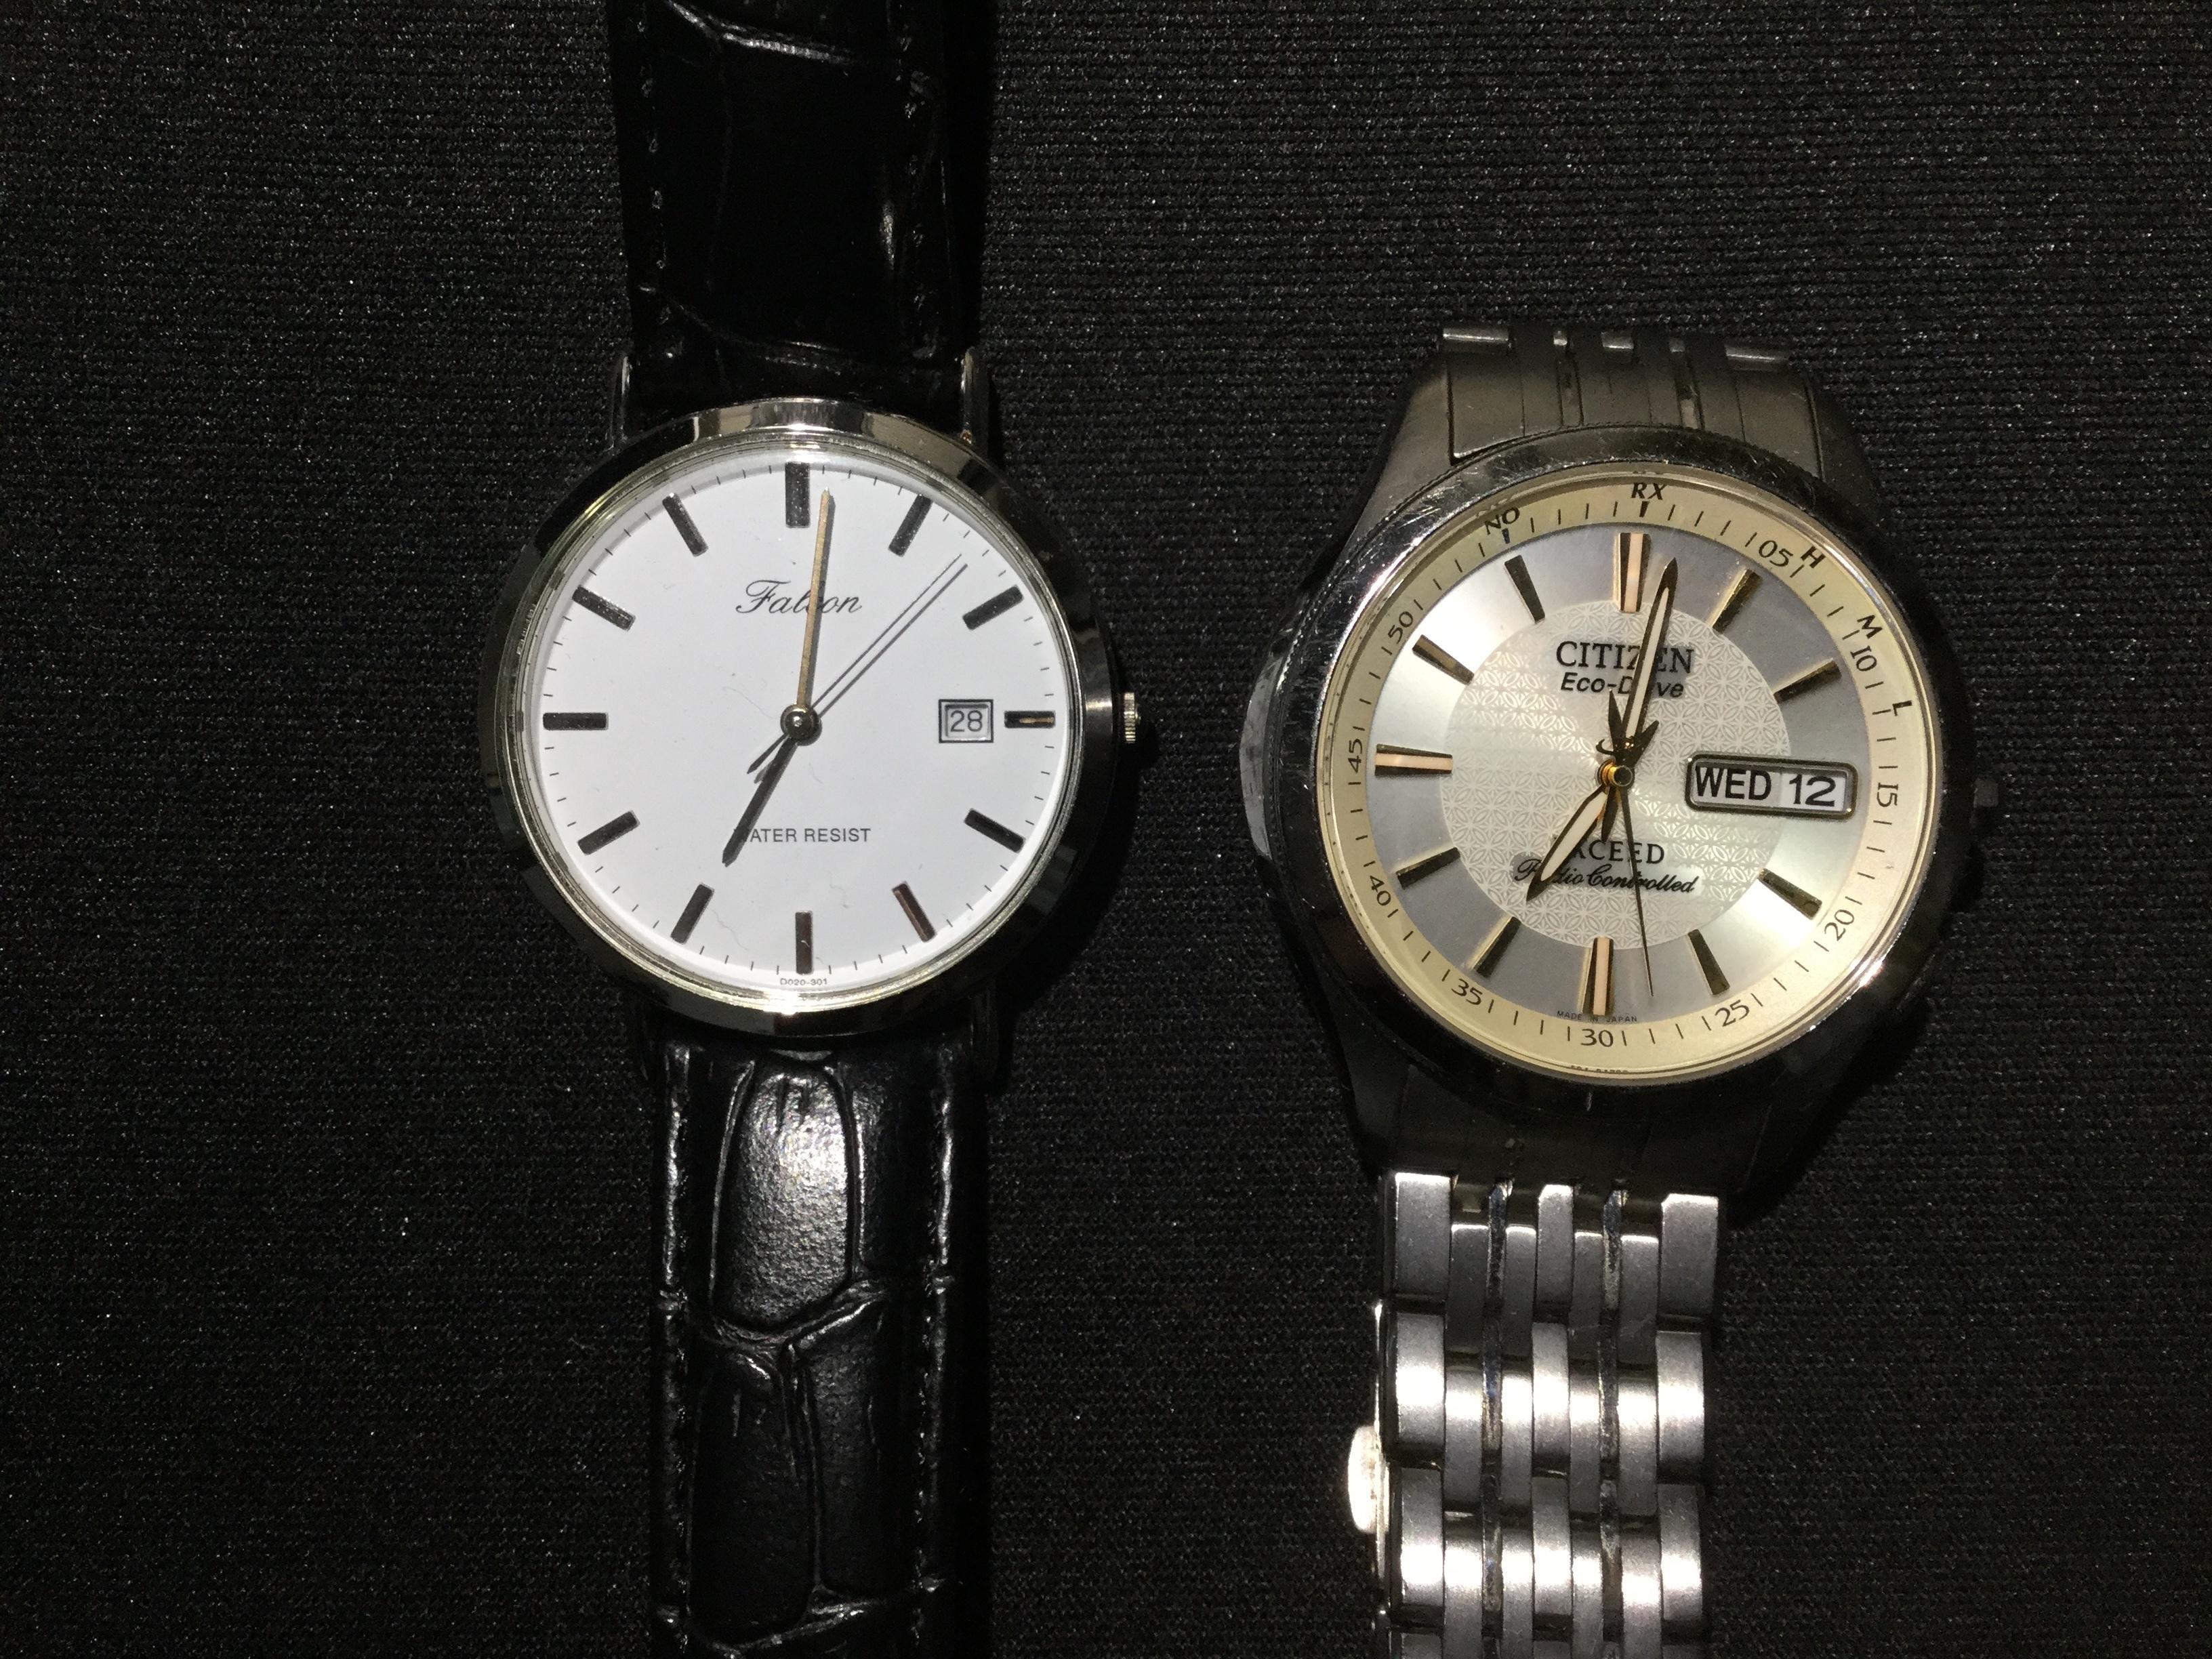 腕時計の2つ並んだ写真です。